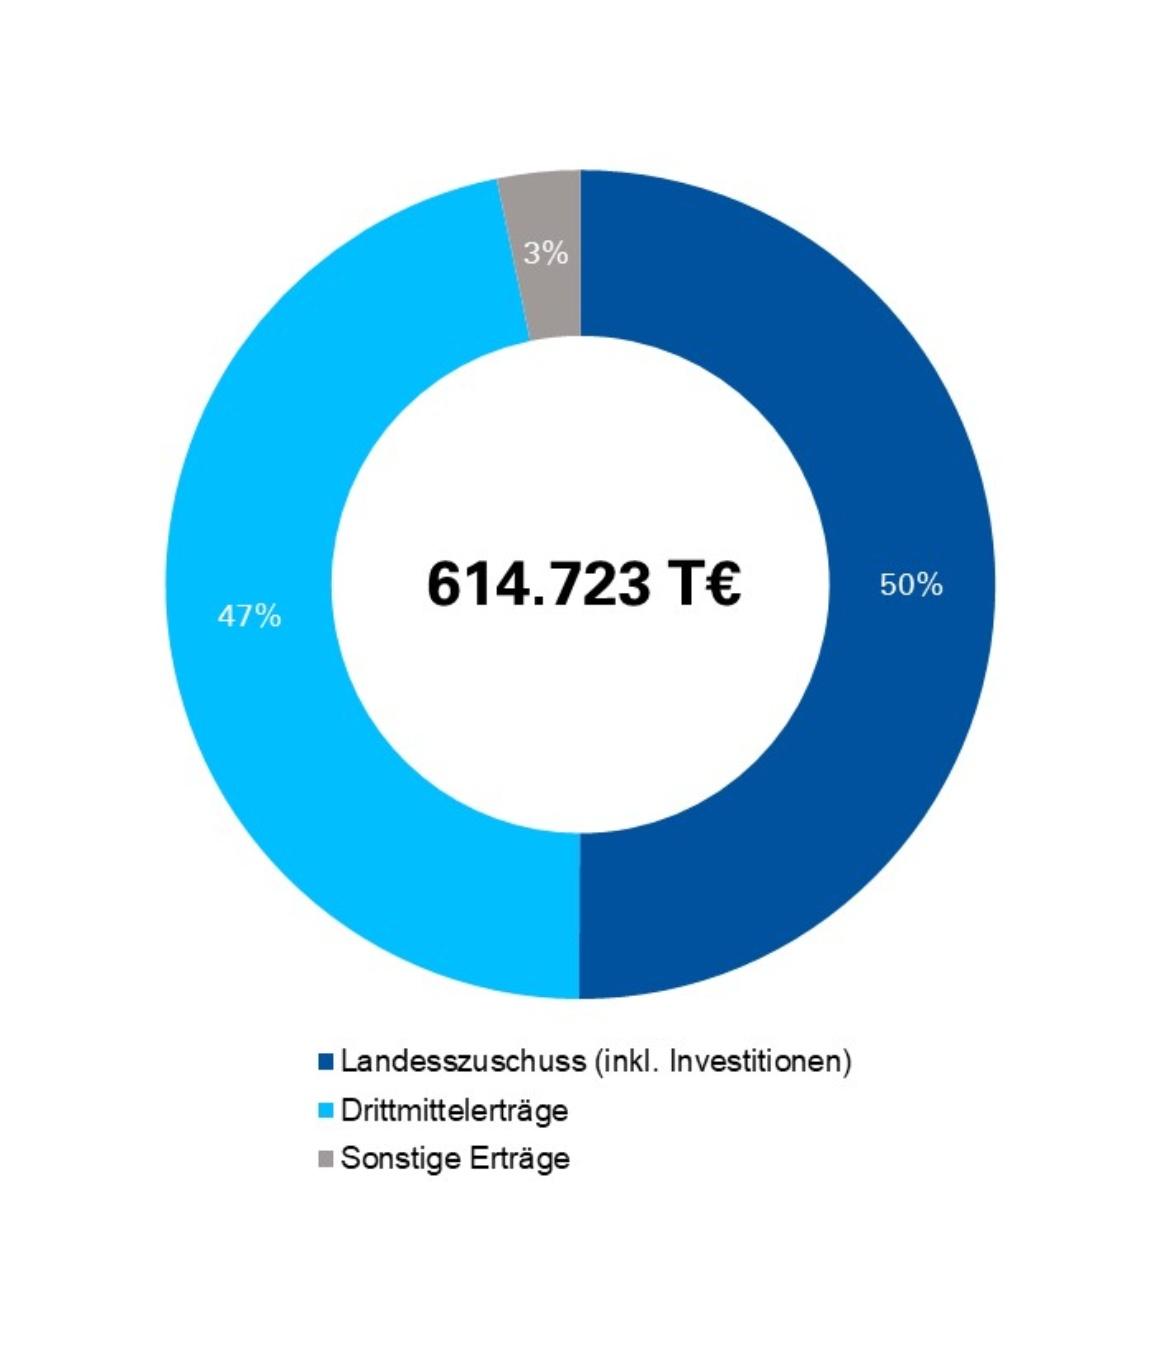 Der Gesamtetat der Uni beträgt 541.491.000 Euro. Davon betragen der Landeszuschuss inkl. Investitionen 54 Prozent, die Drittmittel 42 Prozent und sonstige Erträge 4 Prozent.